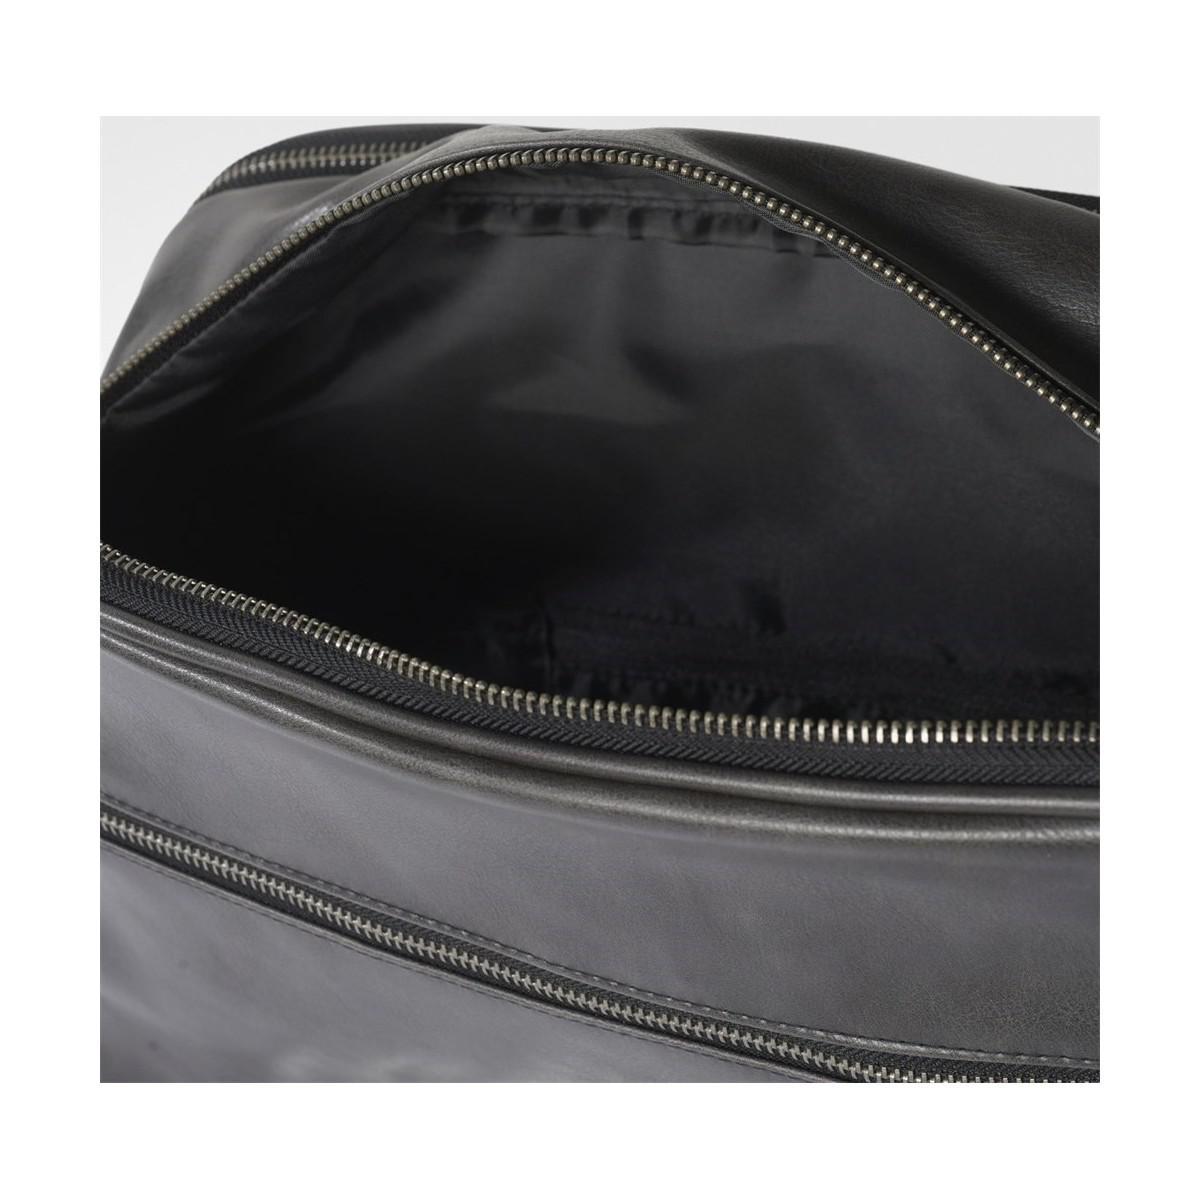 7b893569cc Adidas Originals Airliner Vintage Bag Men s Messenger Bag In ...